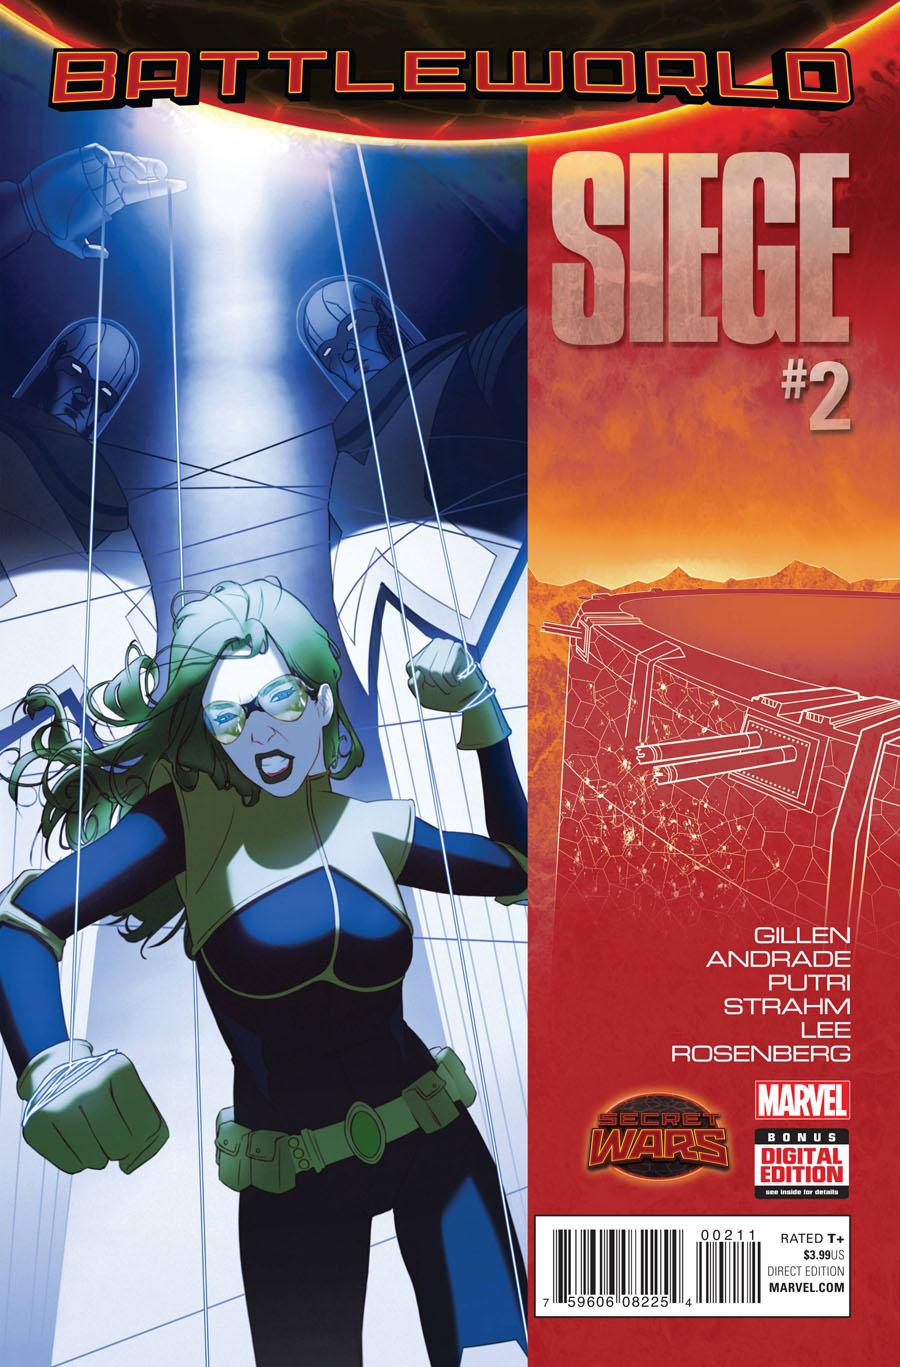 Siege (Marvel) Vol 2 #2 Cover A Regular W Scott Forbes Cover (Secret Wars Battleworld Tie-In)